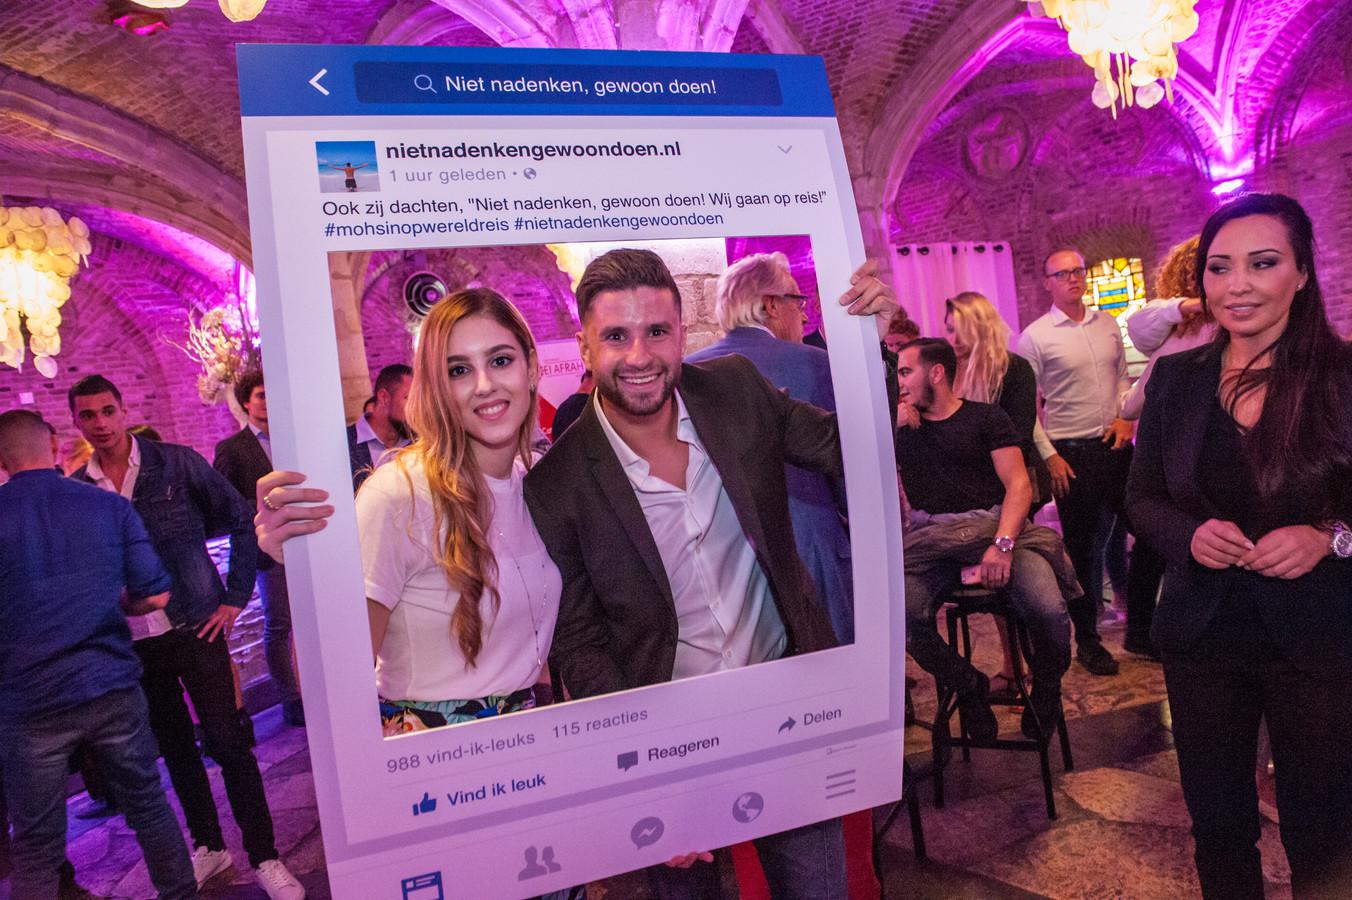 De Goudse succesvolle wereldreiziger Mohsin Amdaouch lanceert zijn online reisbureau. Na afloop ging hij met fans op de foto.